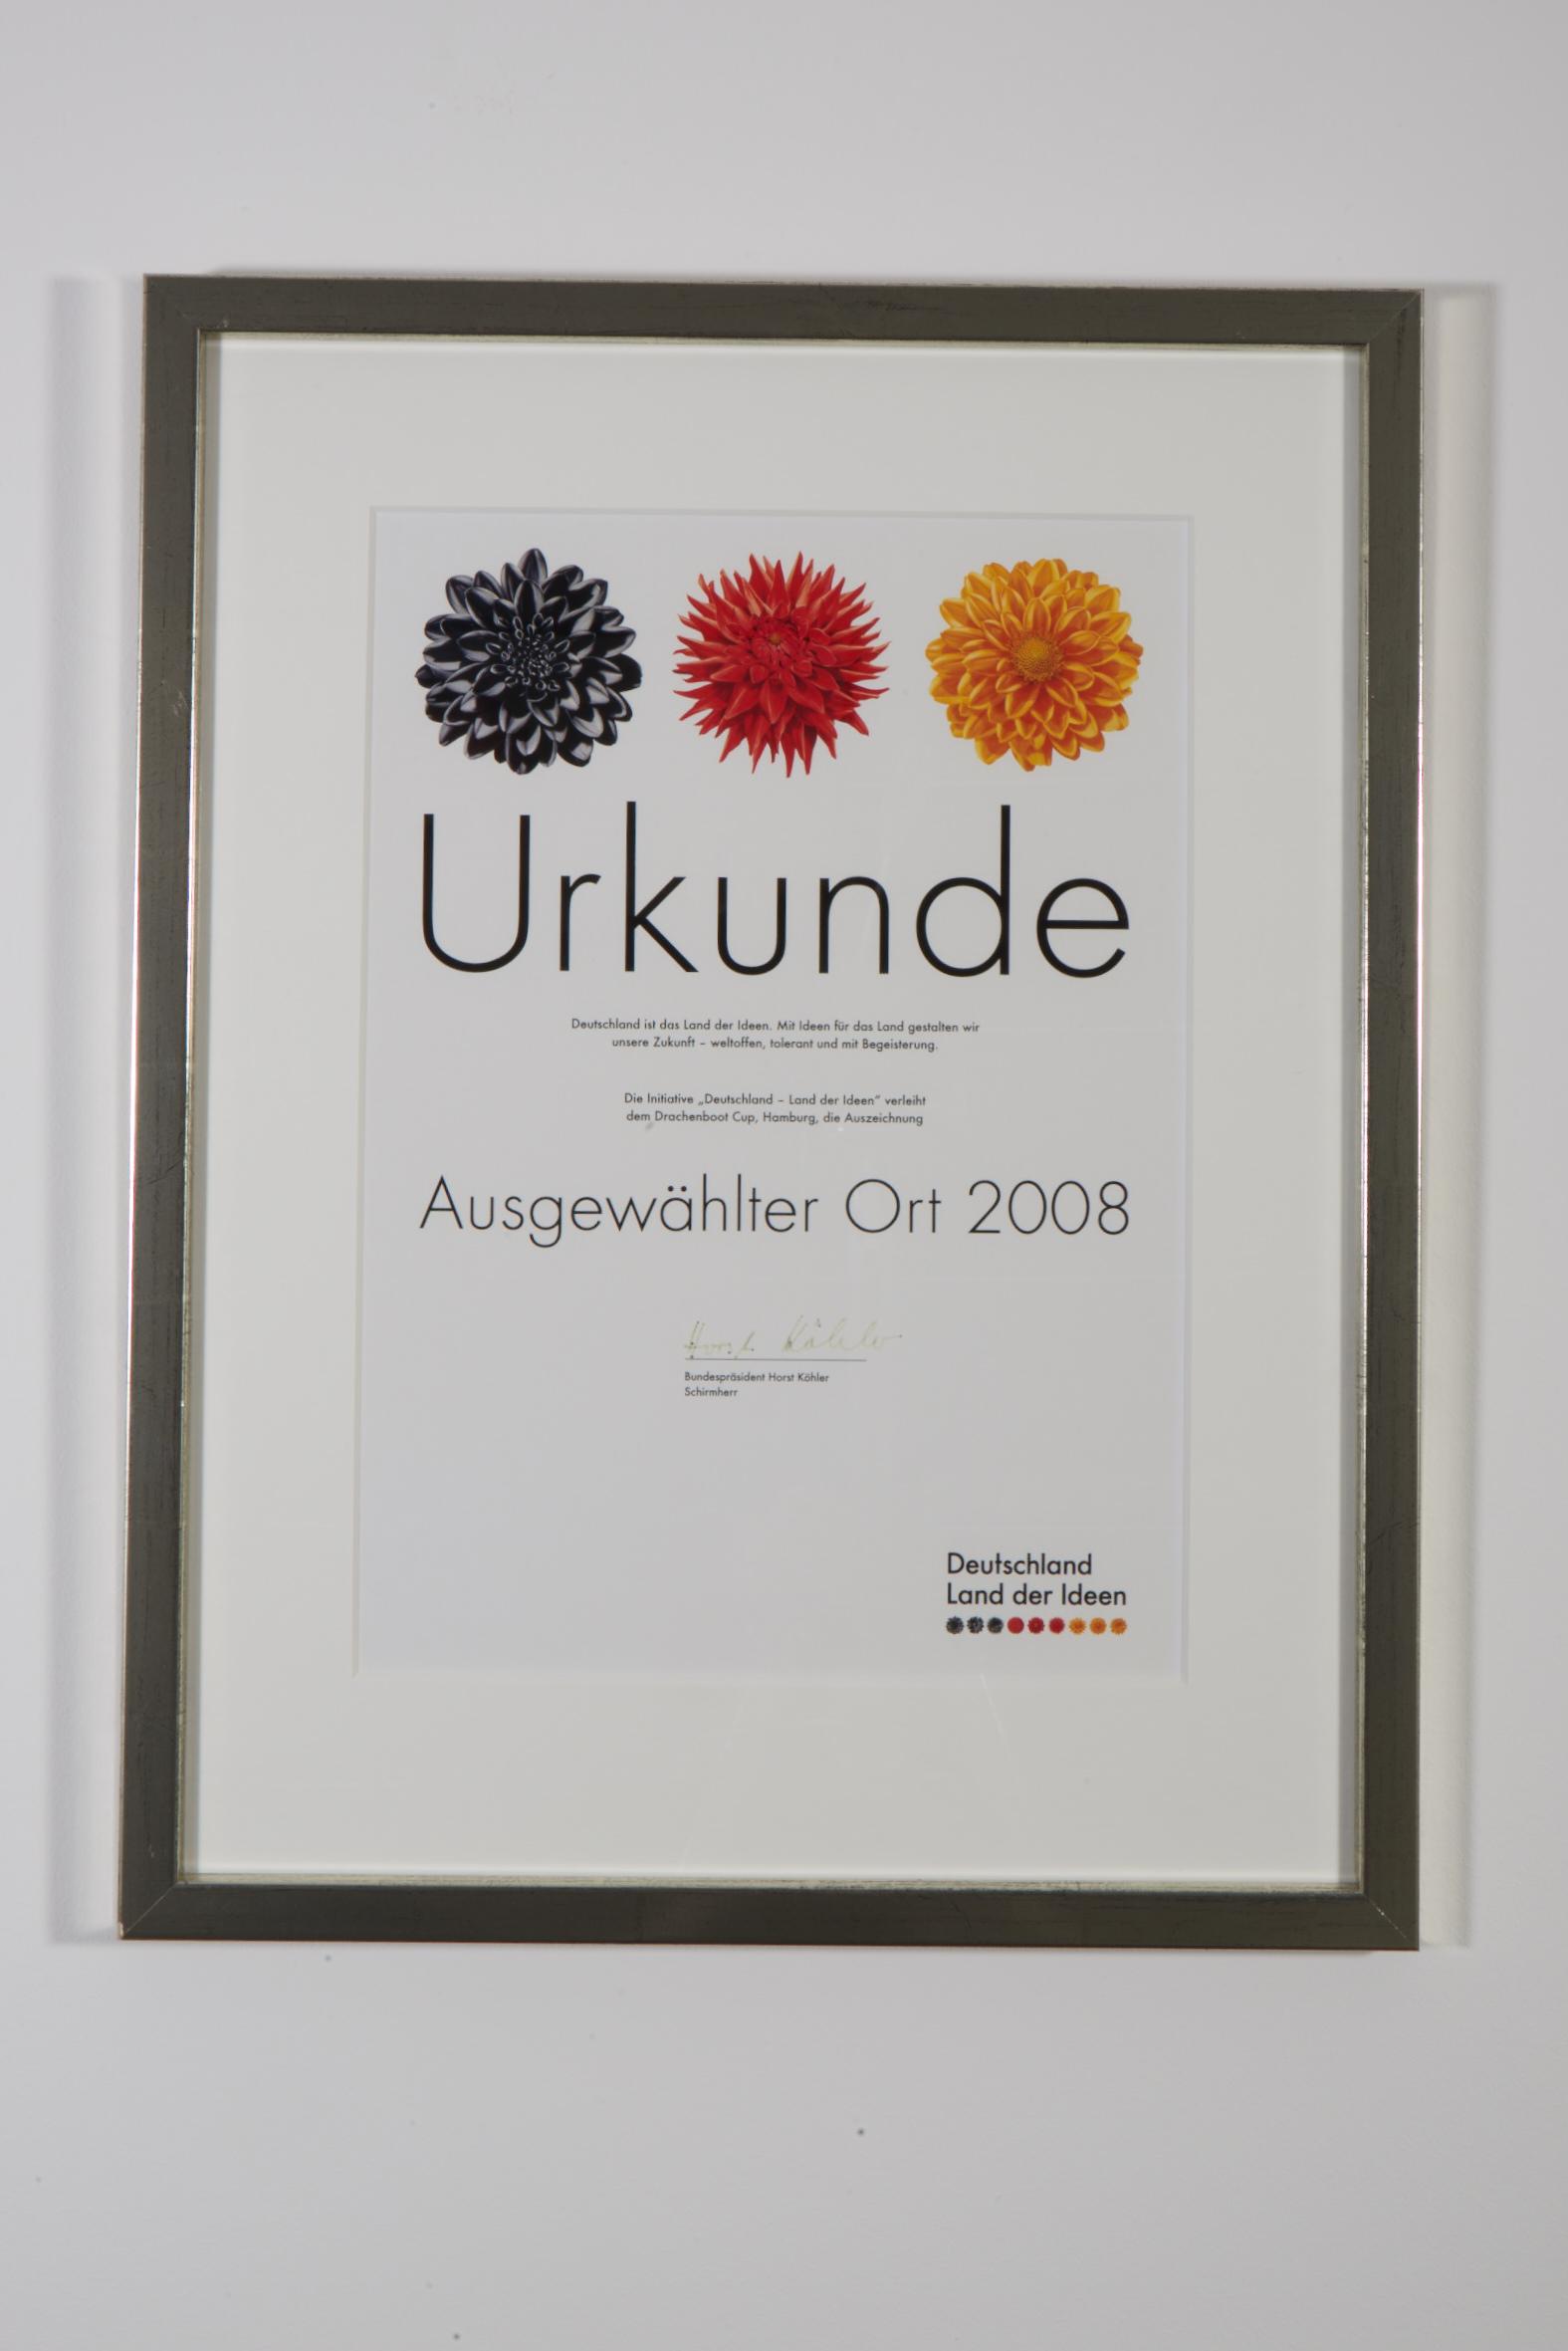 Deutschland Land der Ideen, 2008